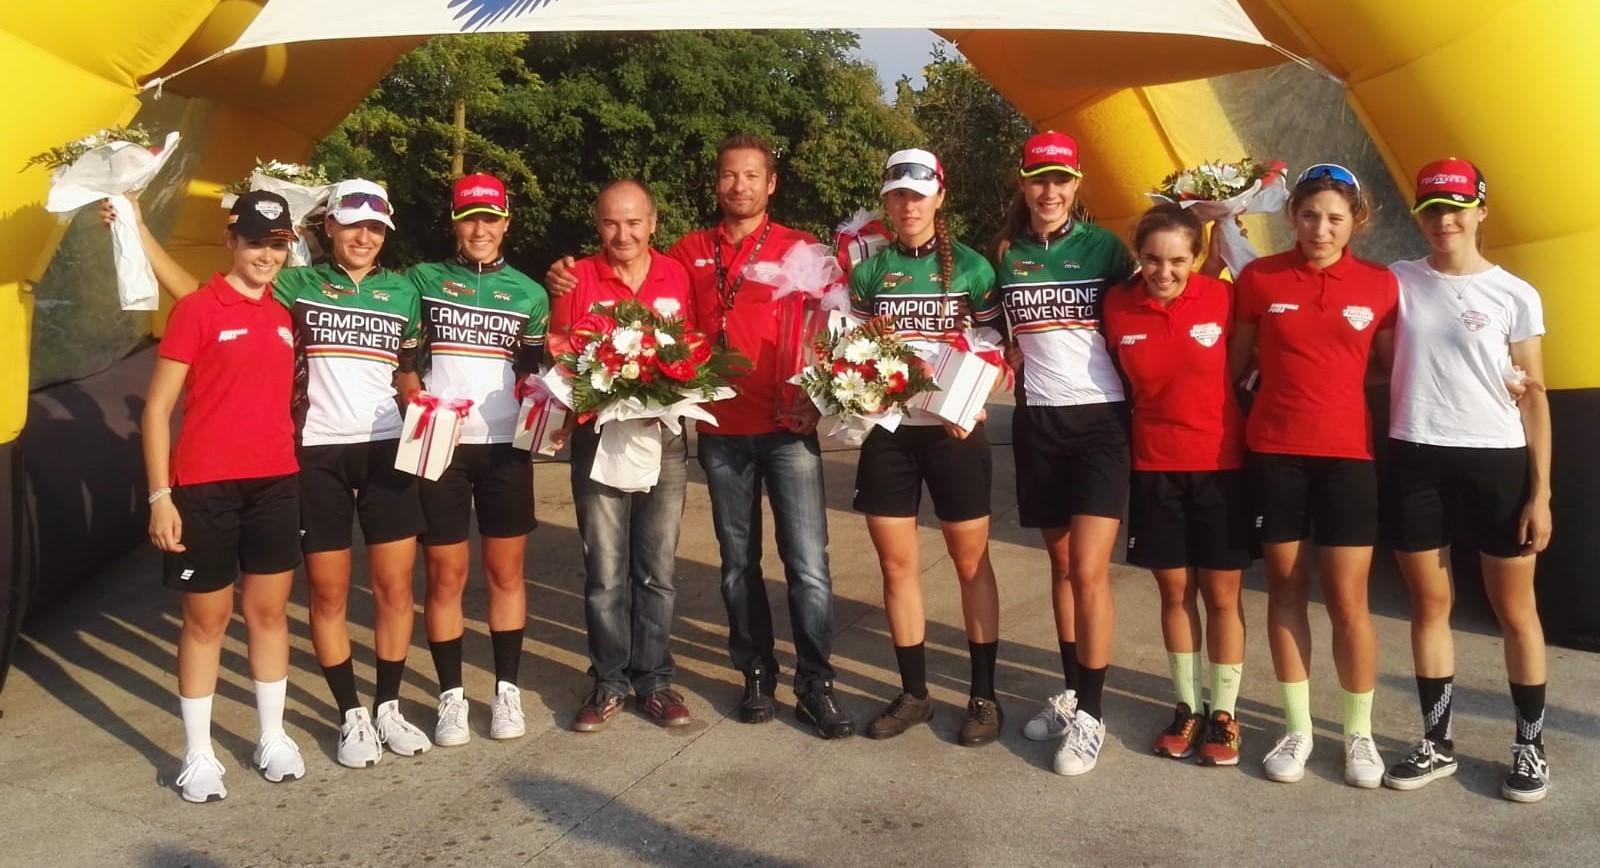 Il Team Wilier Breganze vince il Campionato Triveneto della cronosquadre